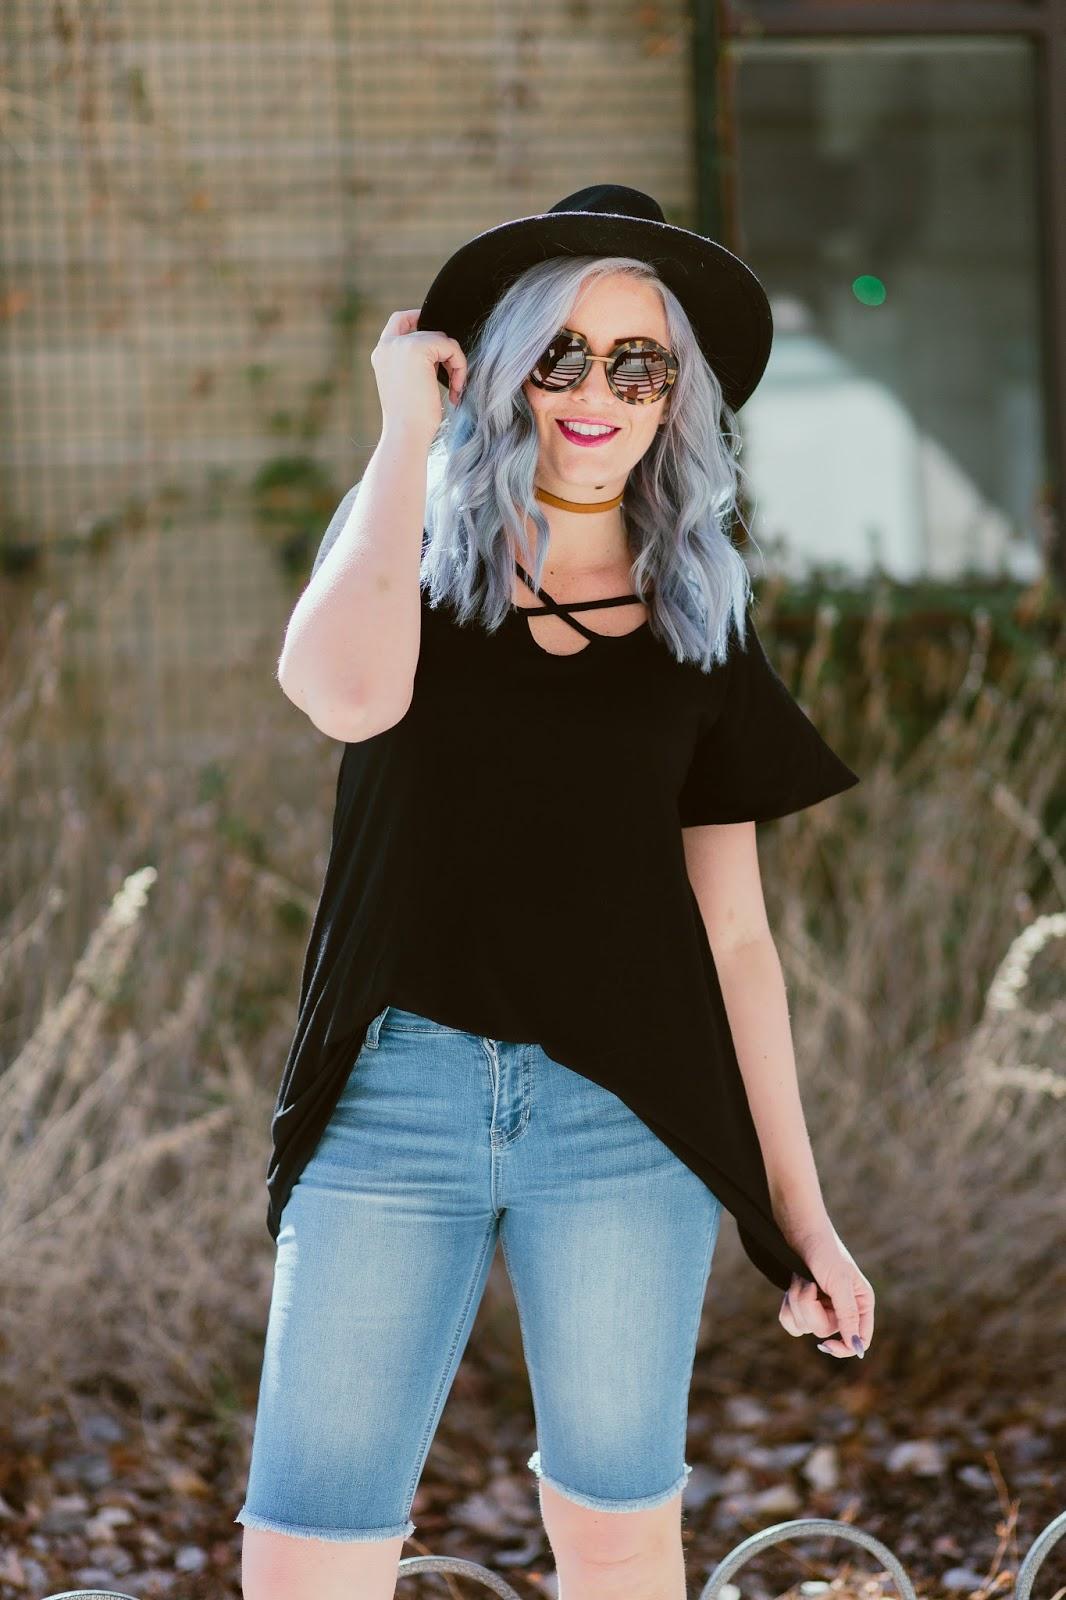 LipSense, Modest Shorts, Criss Cross Shirt